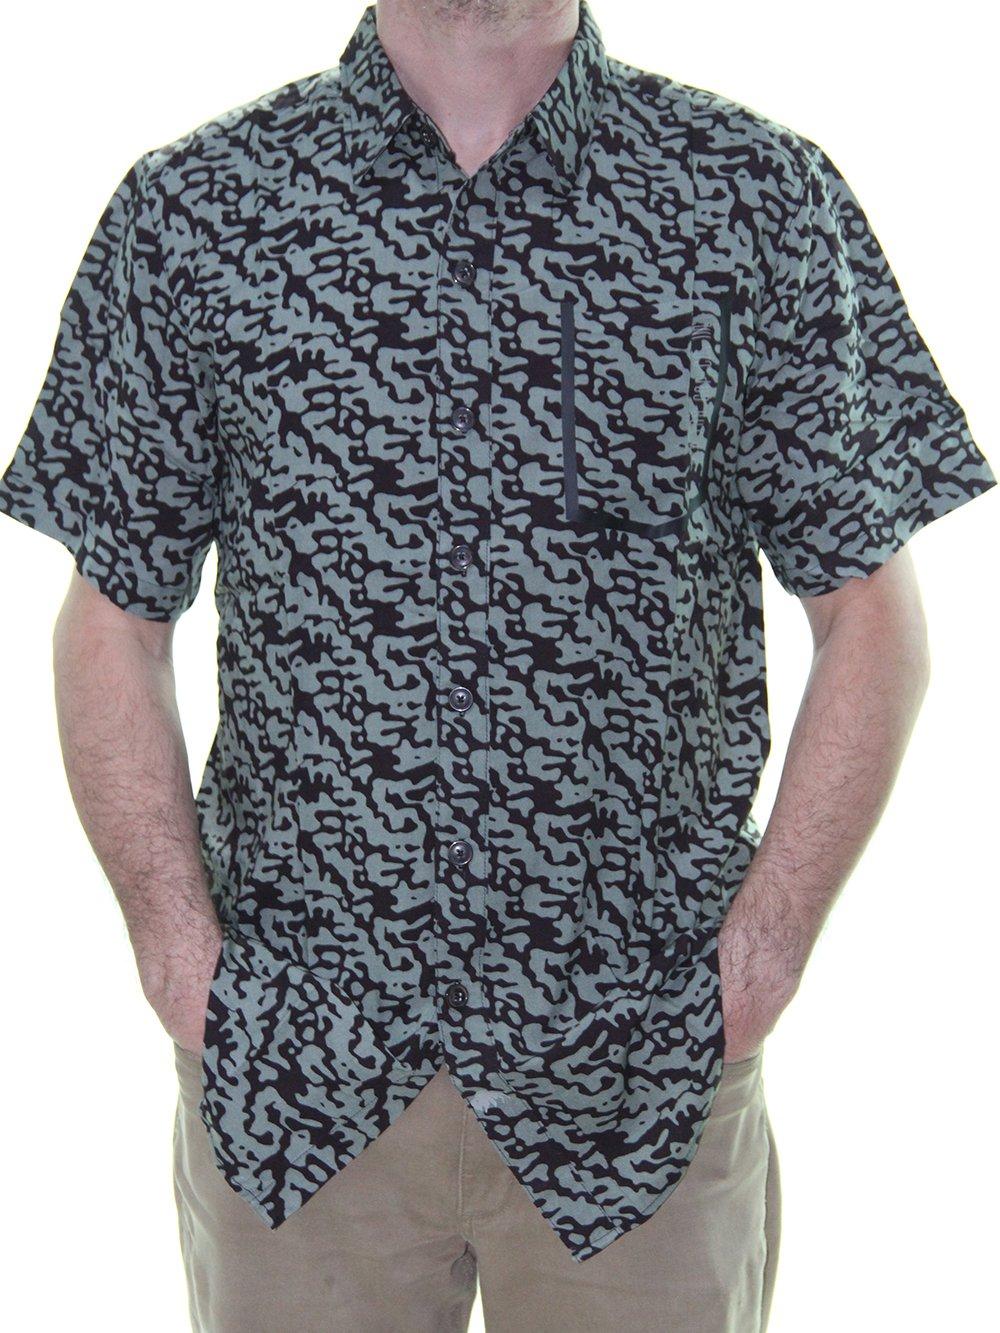 c510d05975 Camisa Masculina New Era Camo Rev All de Botão - Camuflado - Session ...